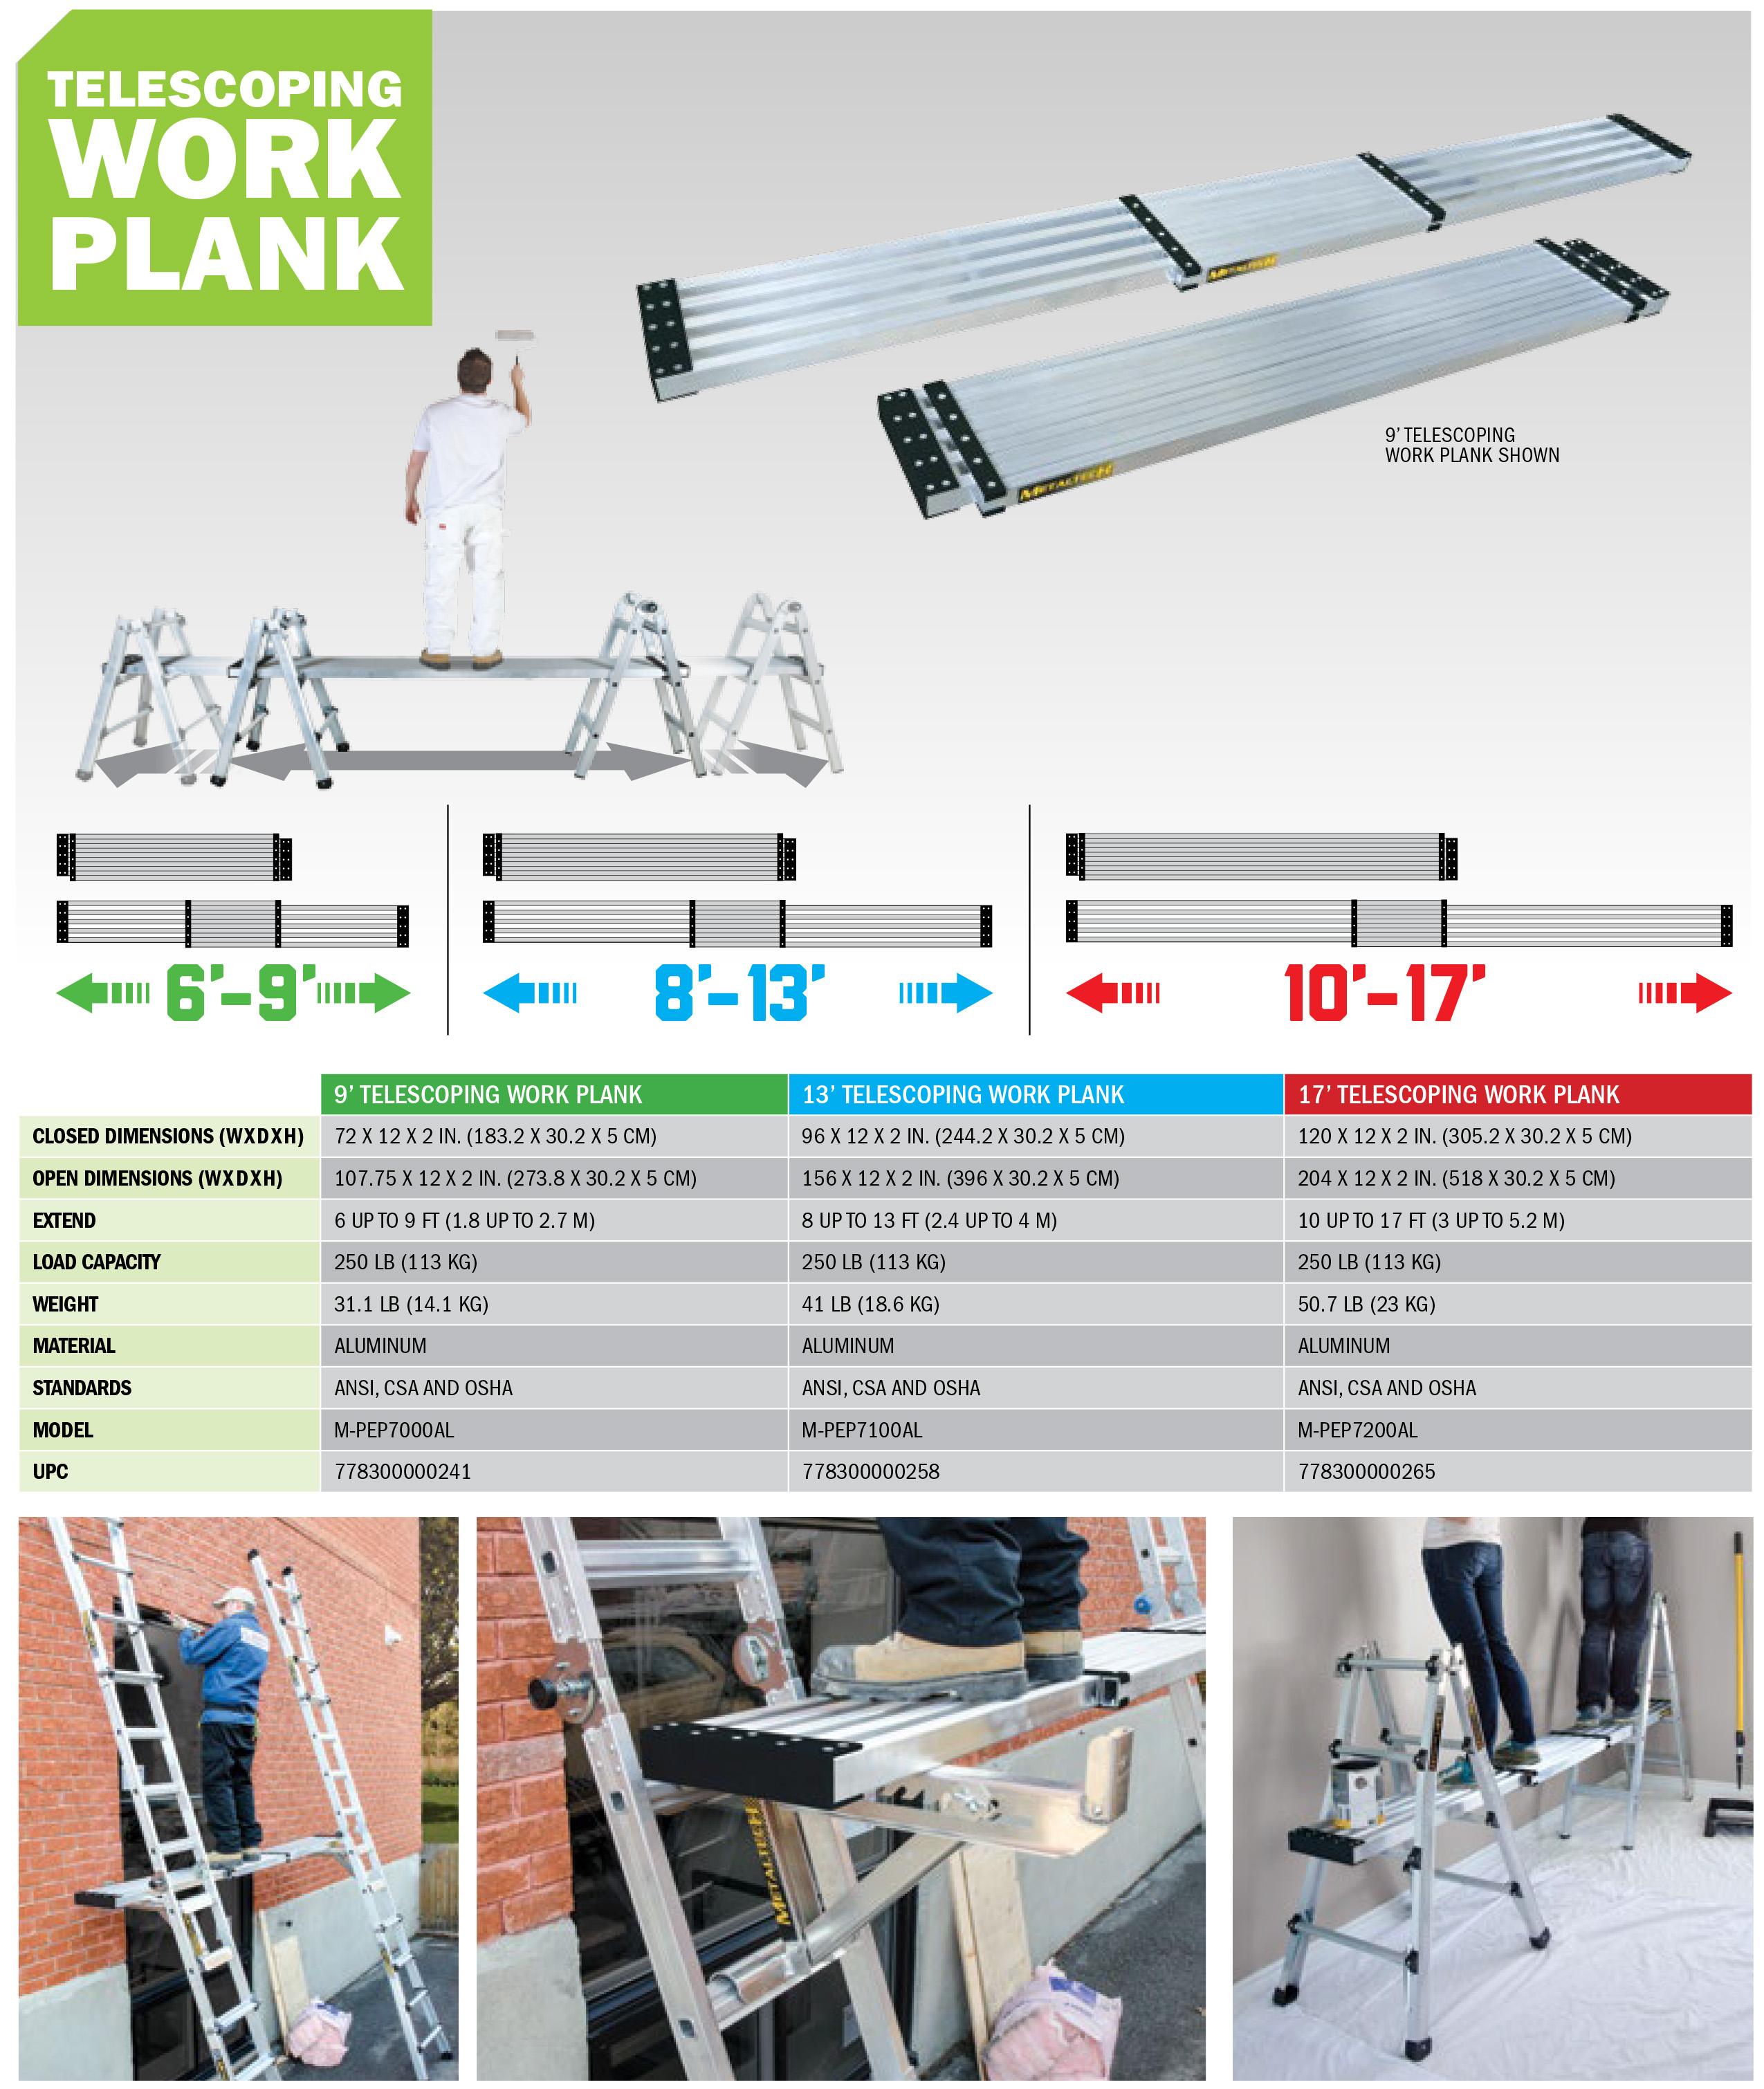 metaltech-telescoping-work-plank-2.jpg